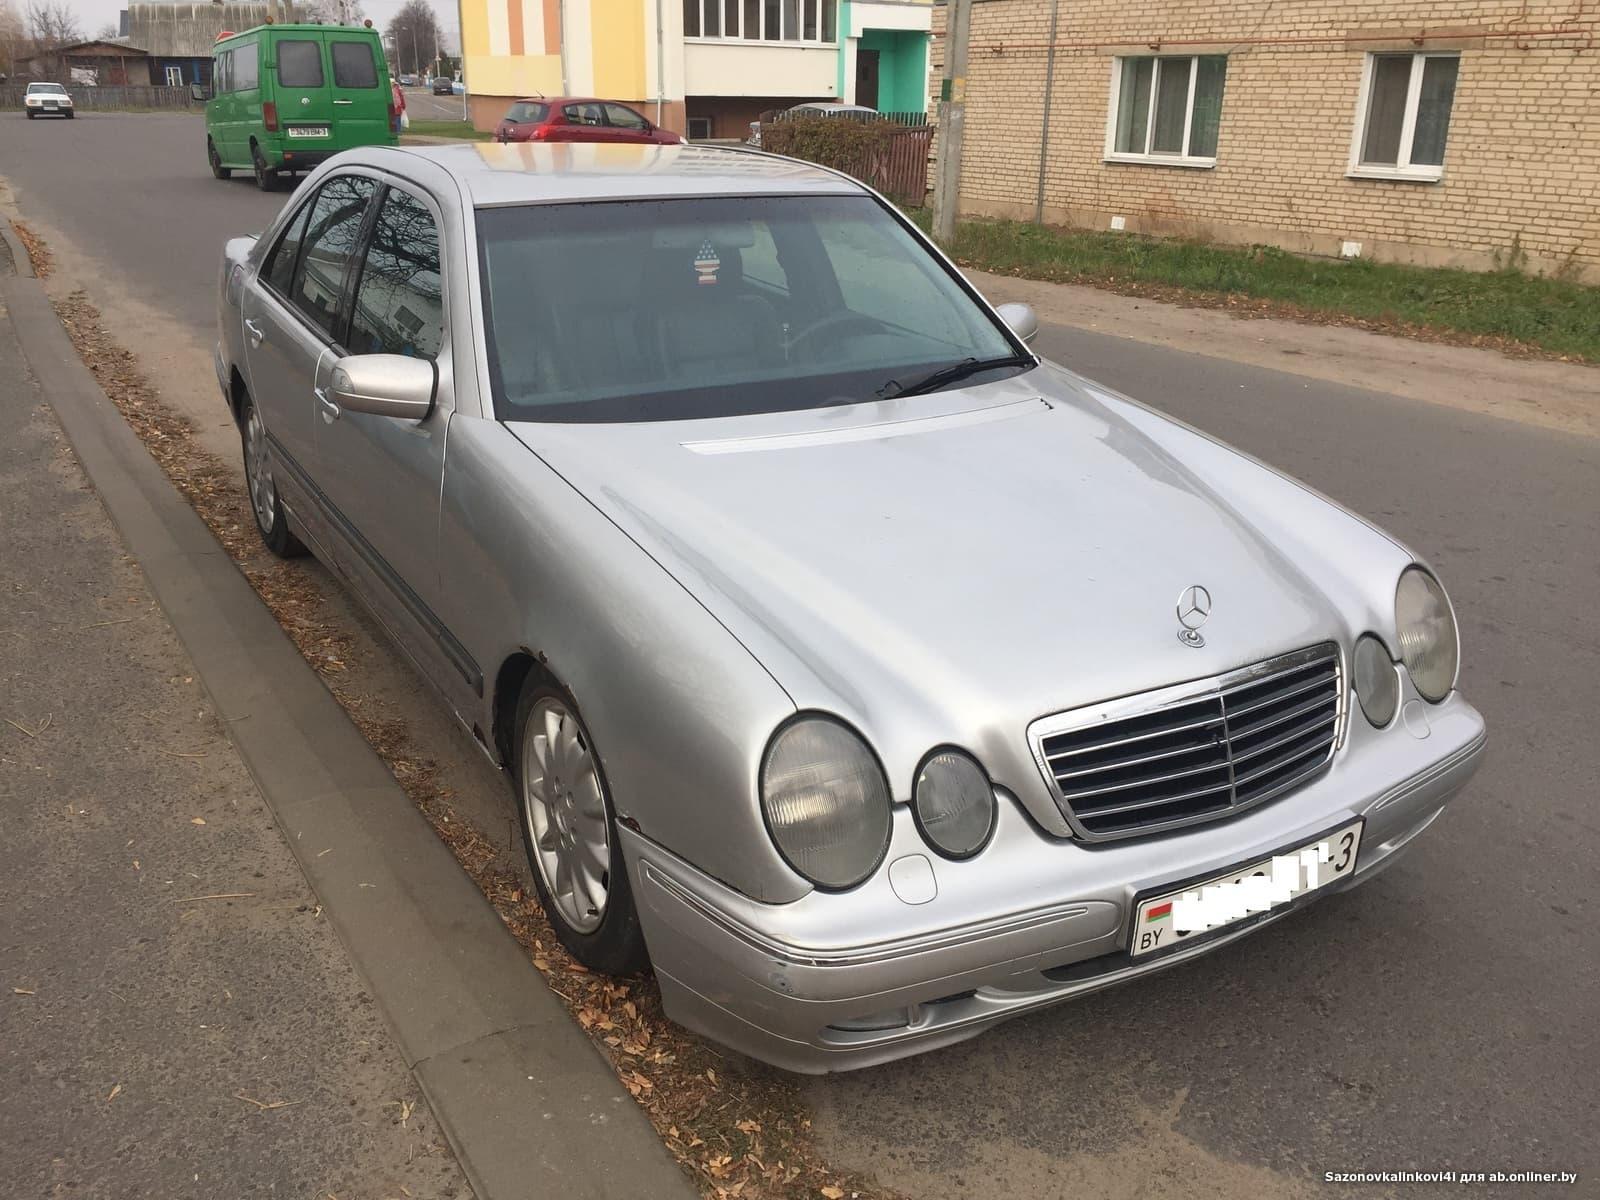 Mercedes-Benz E320 CDI